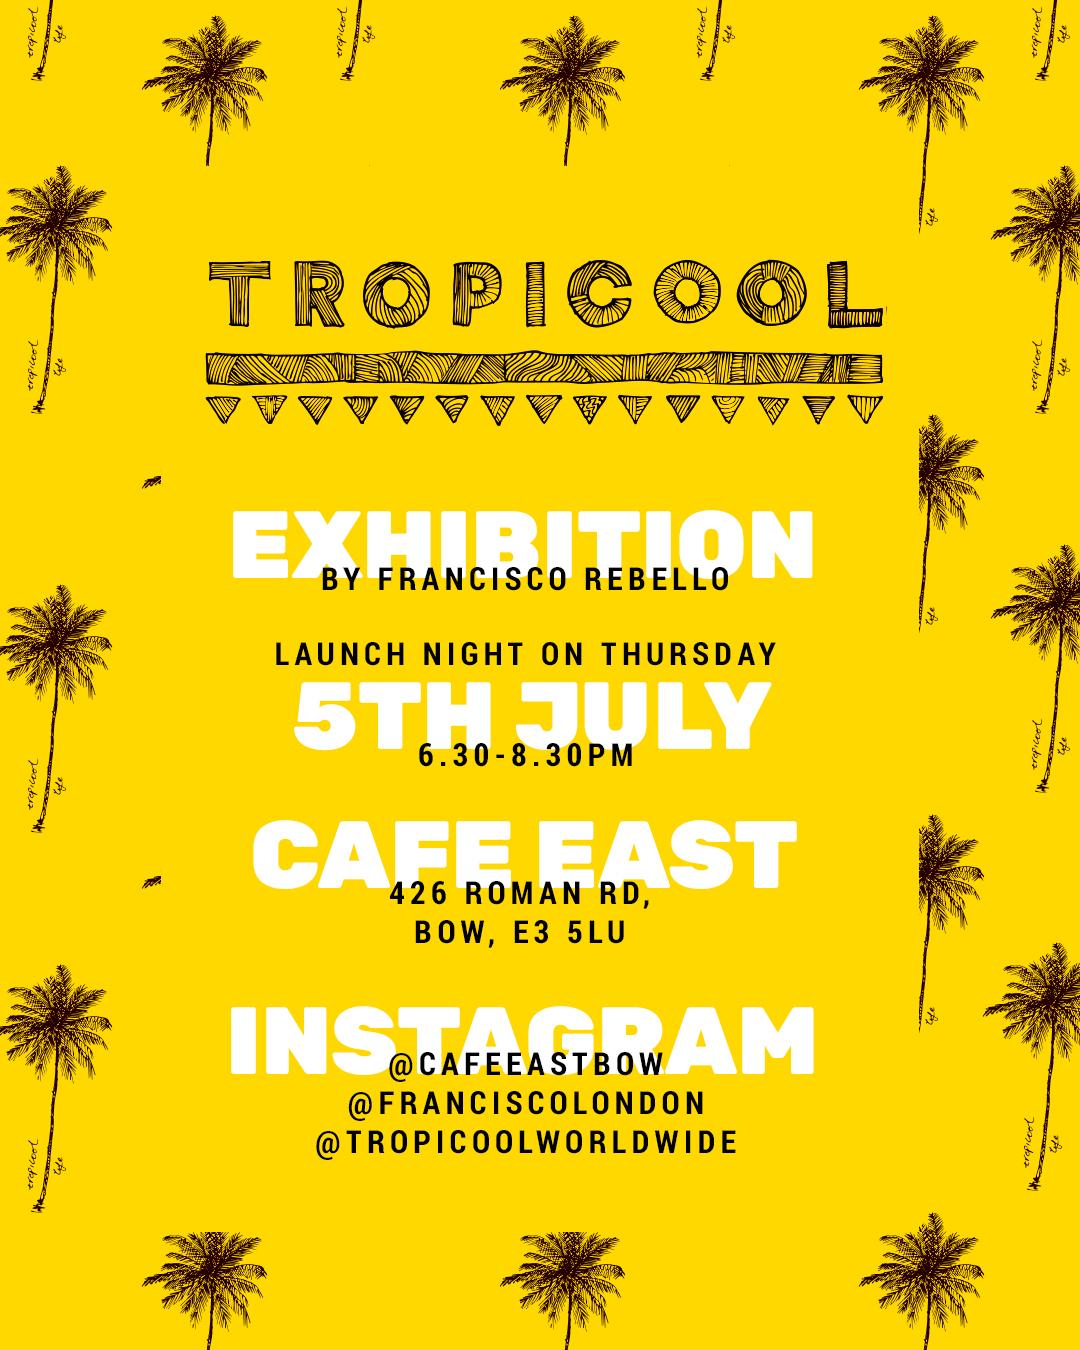 Tropicool-Cafe-East-Instagram